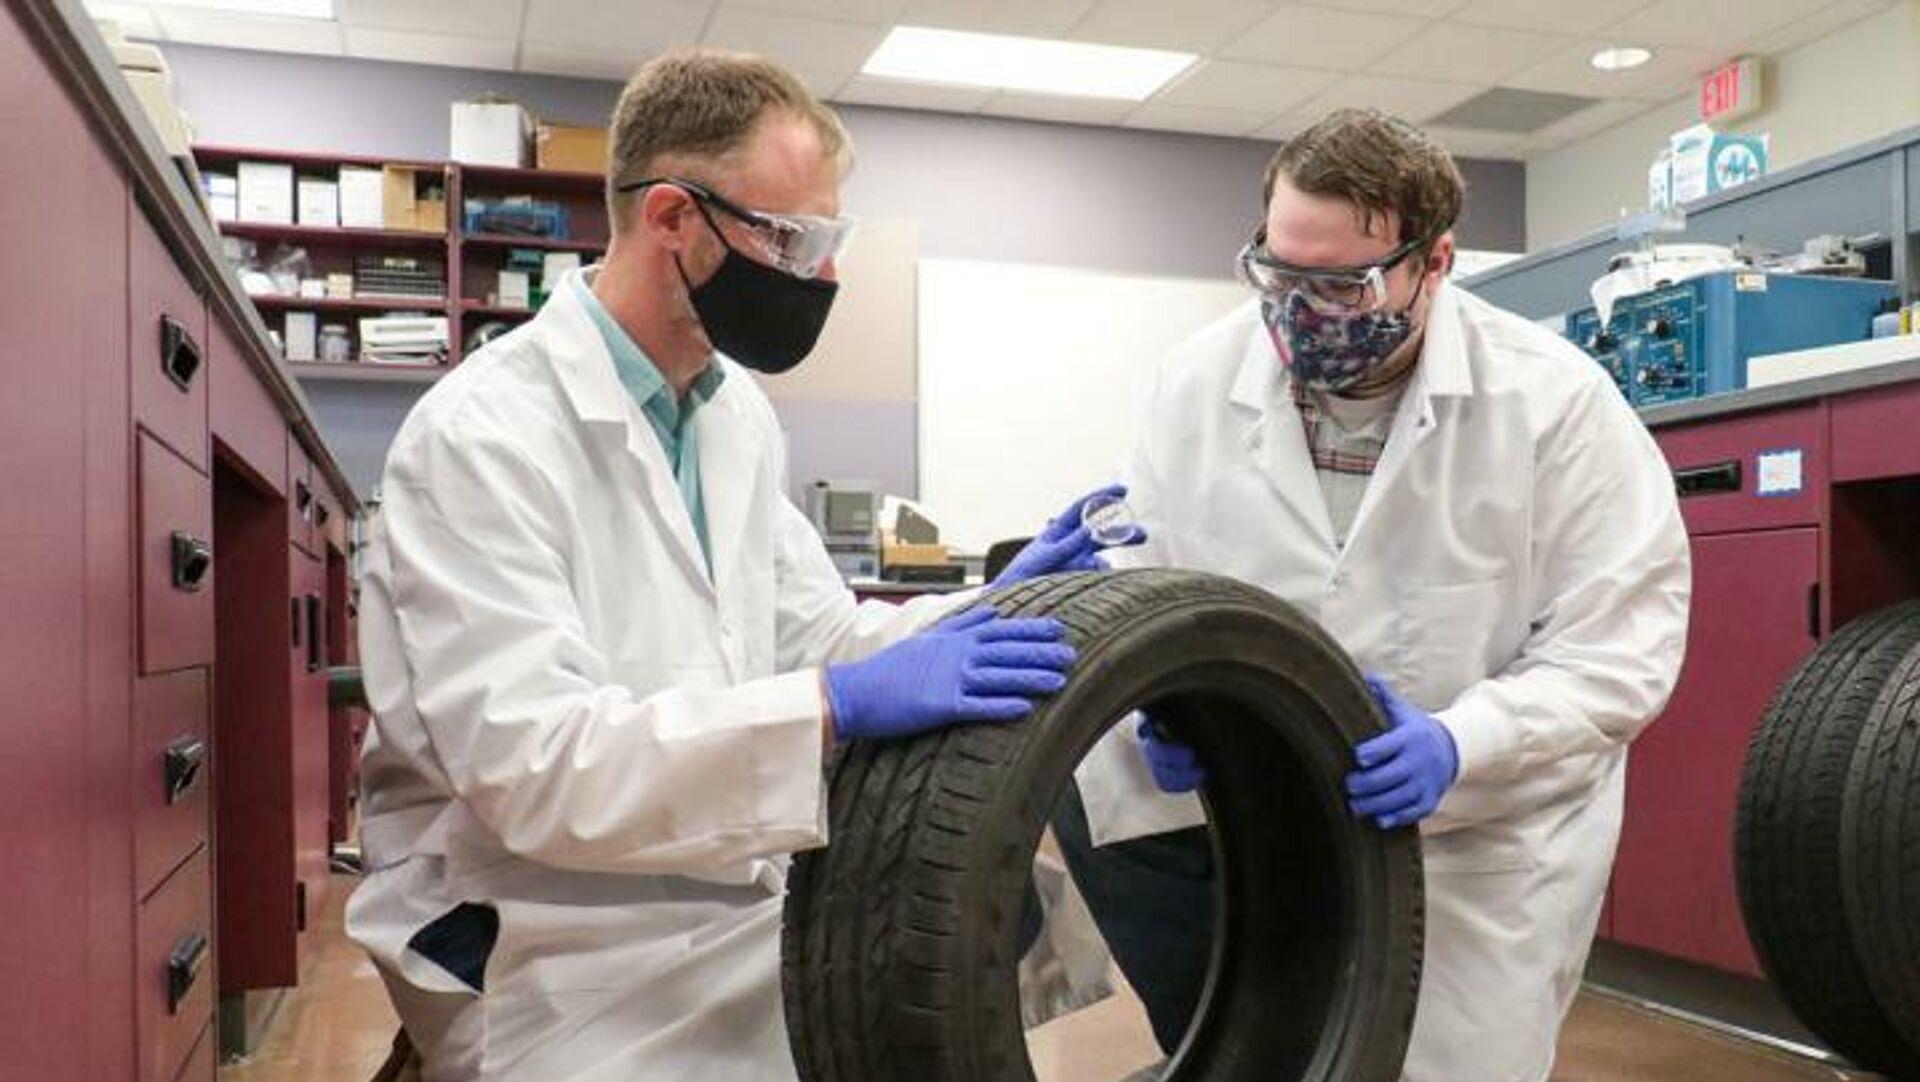 Ученые обнаружили уникальный химический след скольжения шины